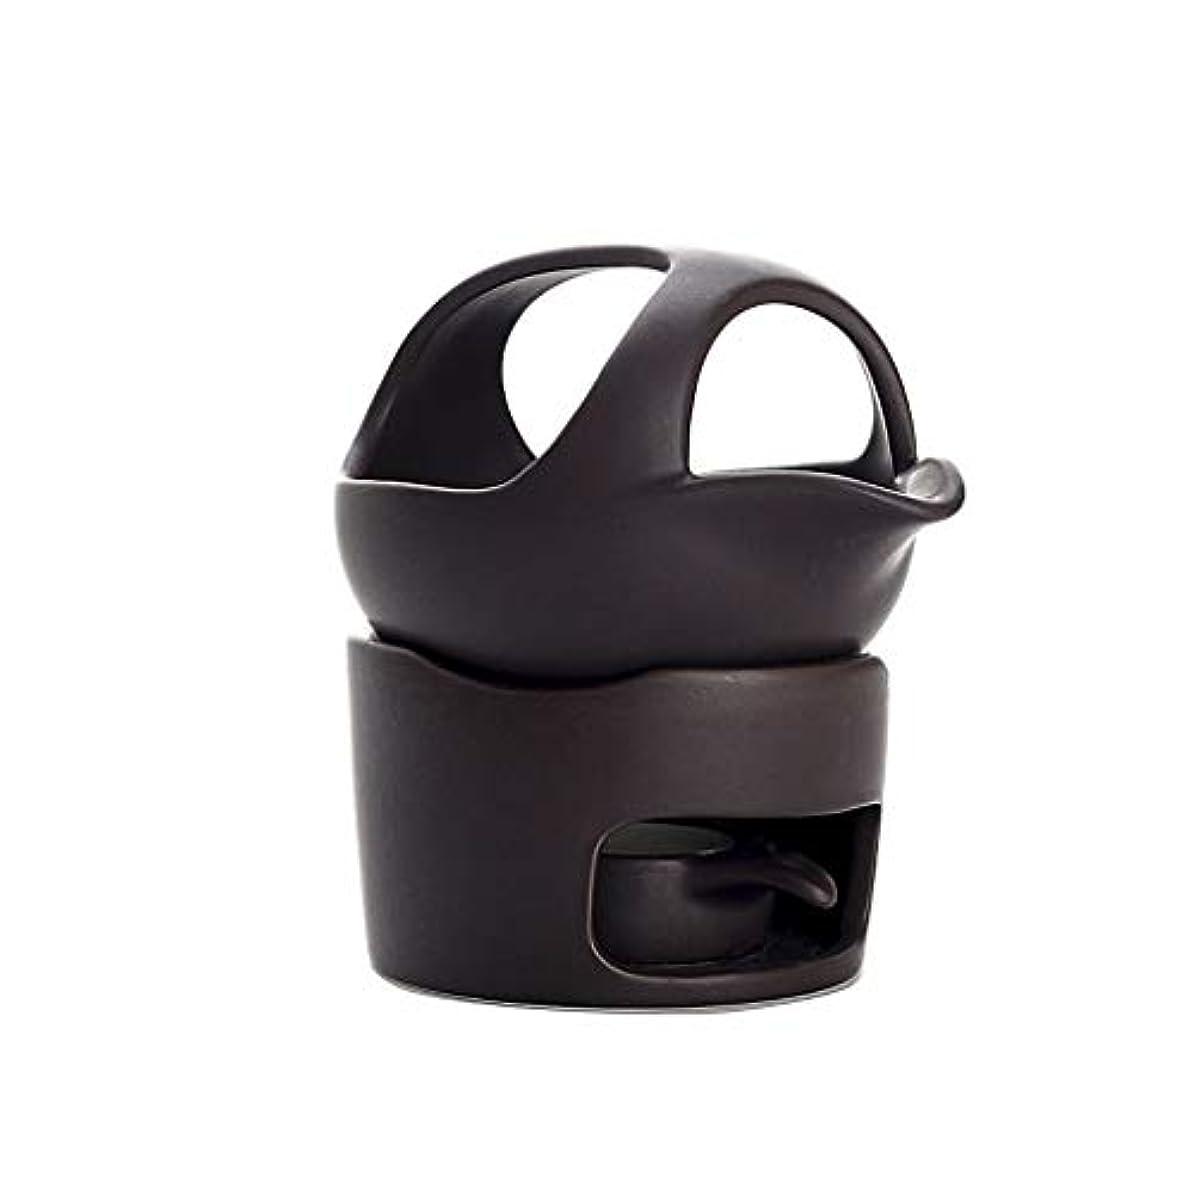 ホームアロマバーナー セラミックお香バーナースモークティーストーブウェイクアップお茶お香バーナー陶器お茶セットアクセサリーお香ホルダー アロマバーナー (Color : Black, サイズ : 12.5cm)